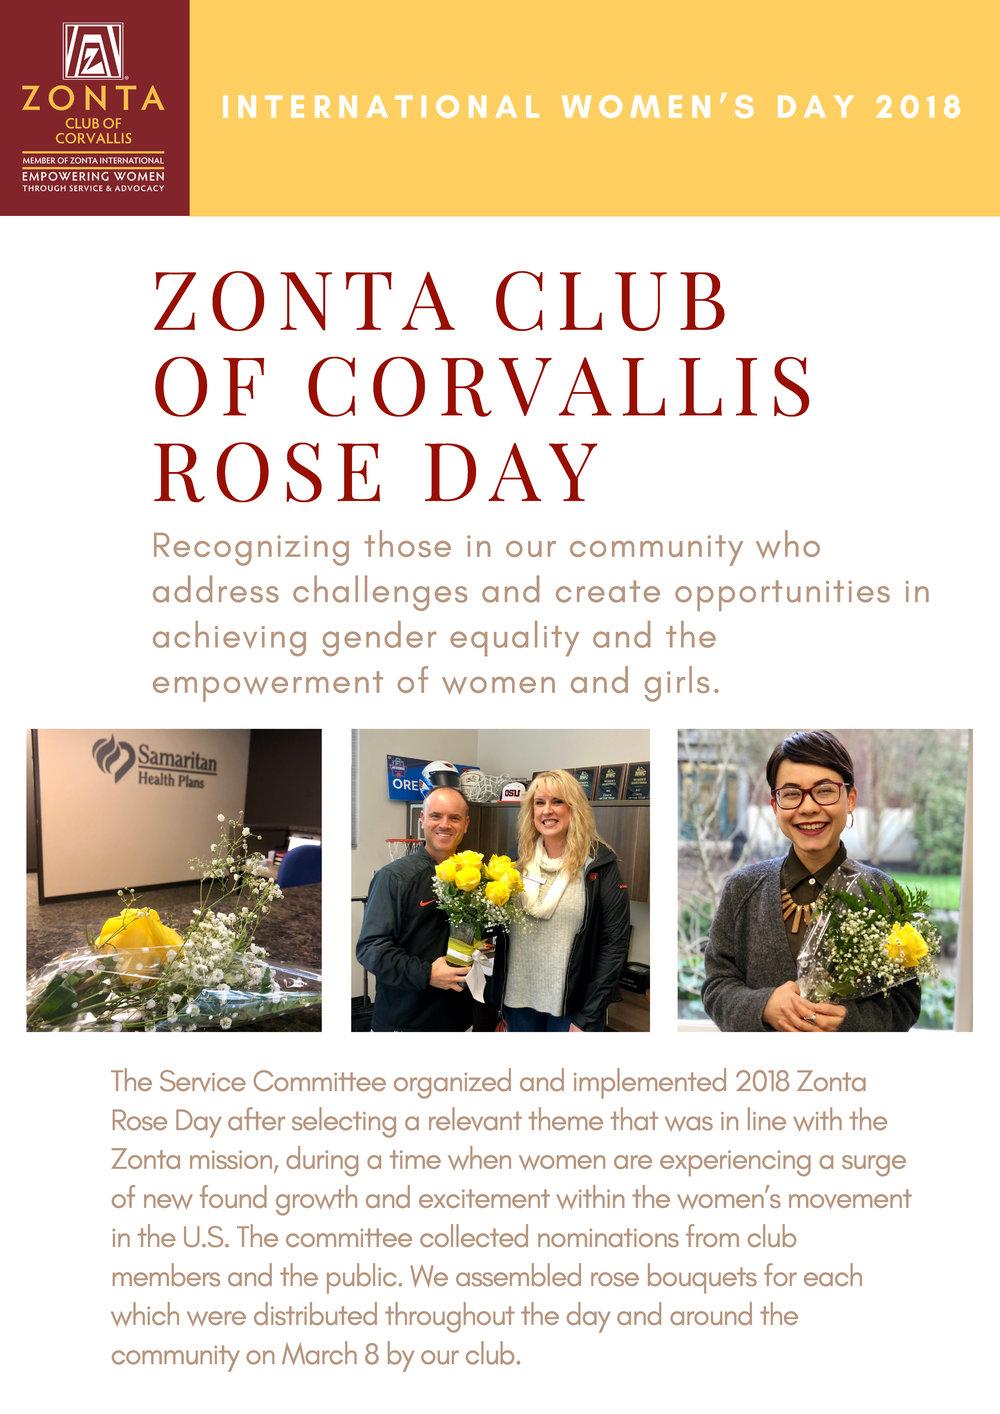 Zonta Club of Corvallis